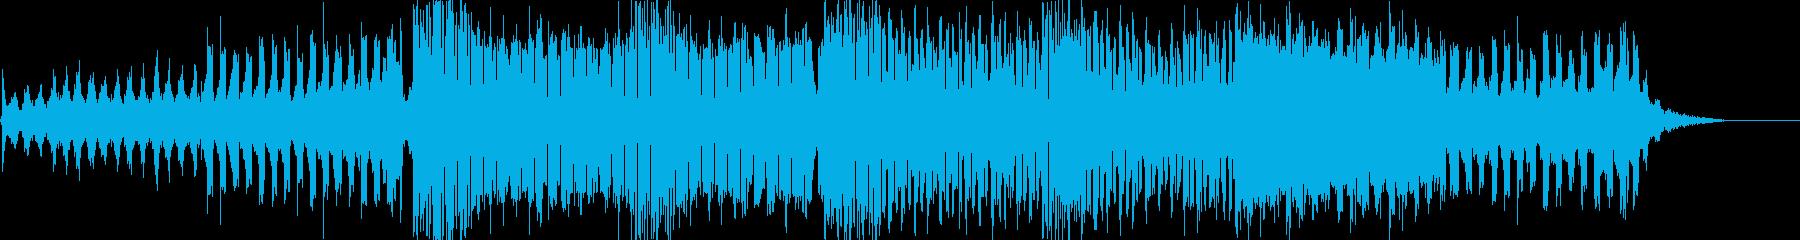 エレクトロダンス楽曲の再生済みの波形